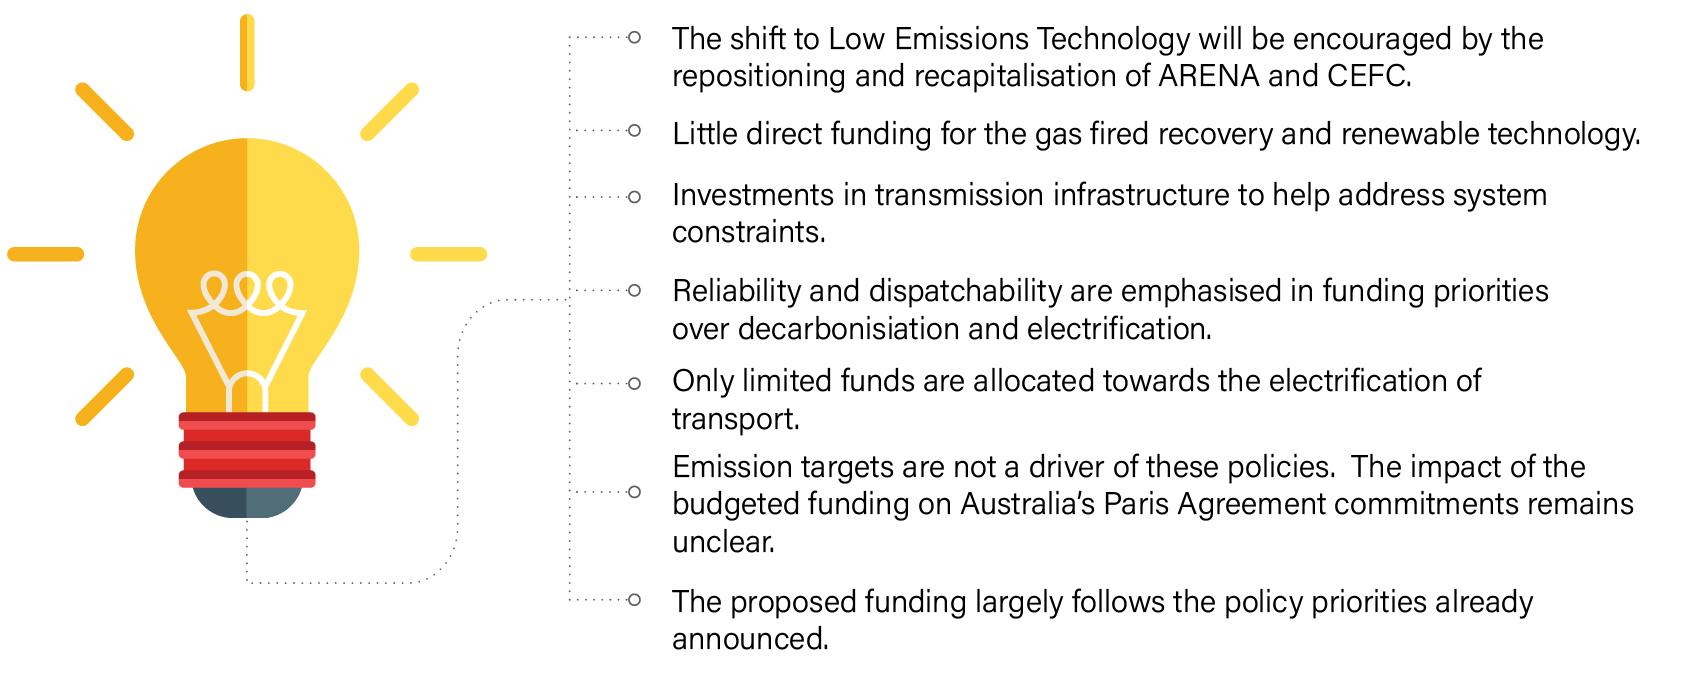 Key takeaways for budget 2020